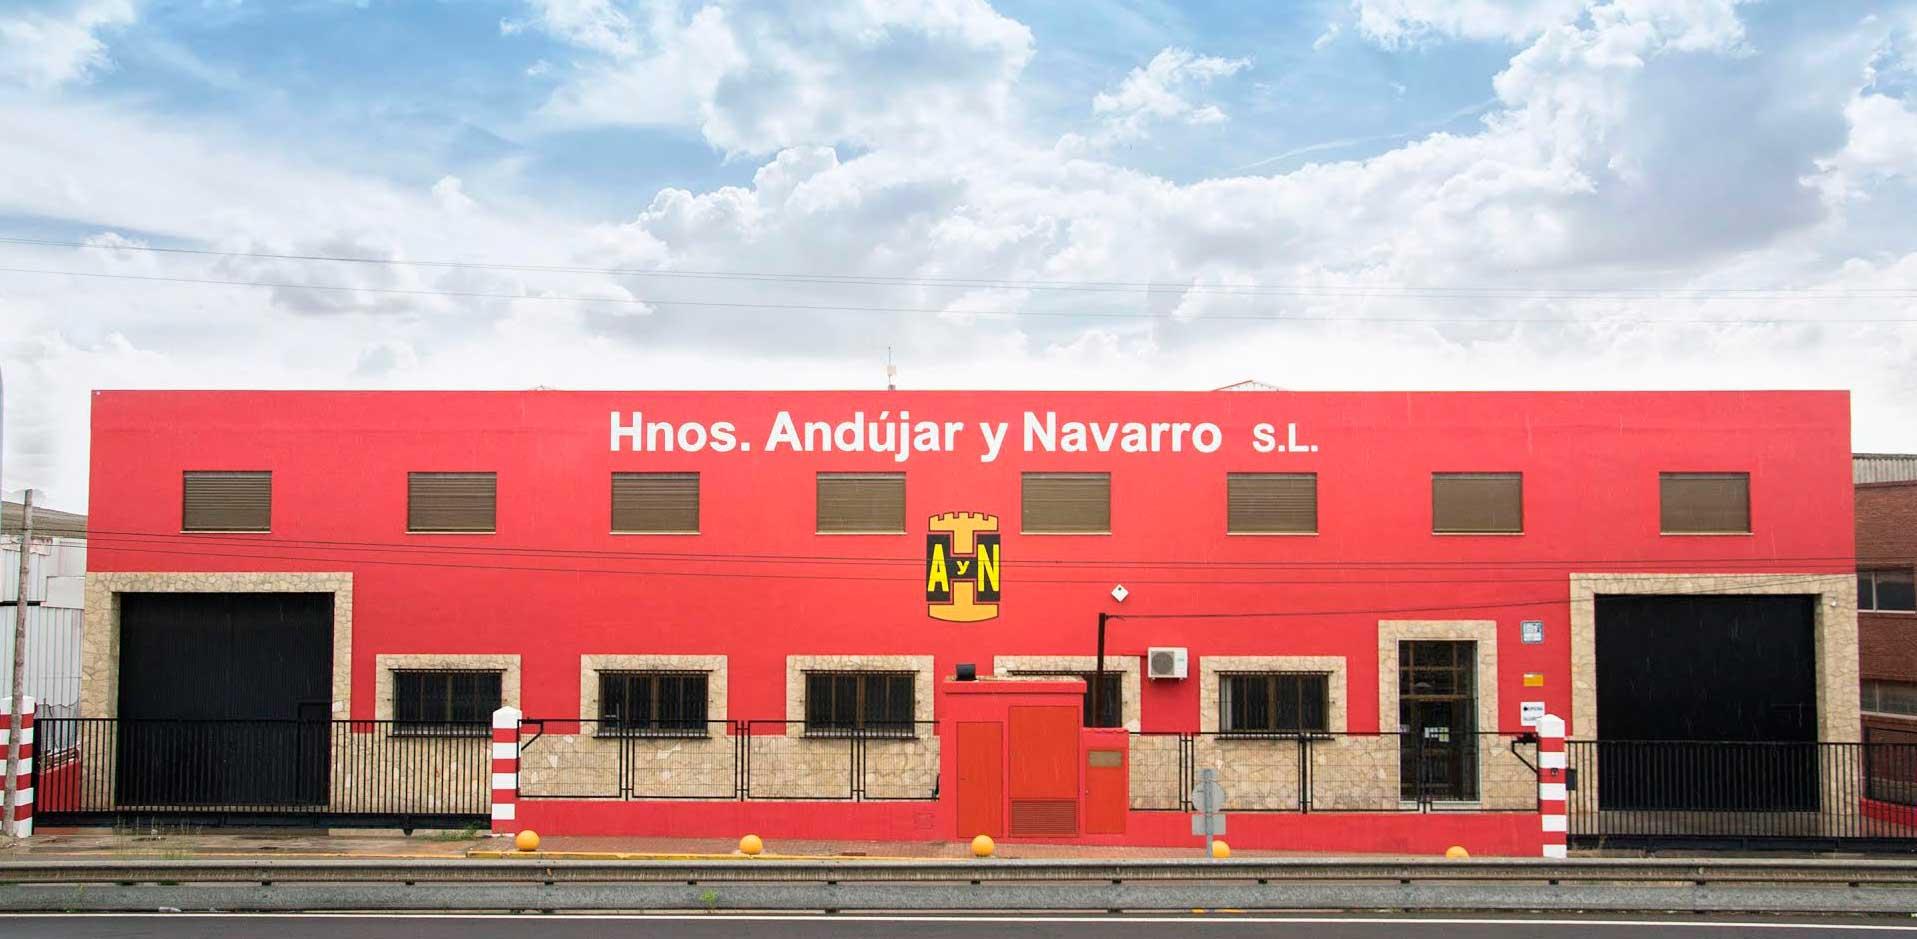 Empresa de construcci n en paterna hermanos andujar y for Empresas construccion